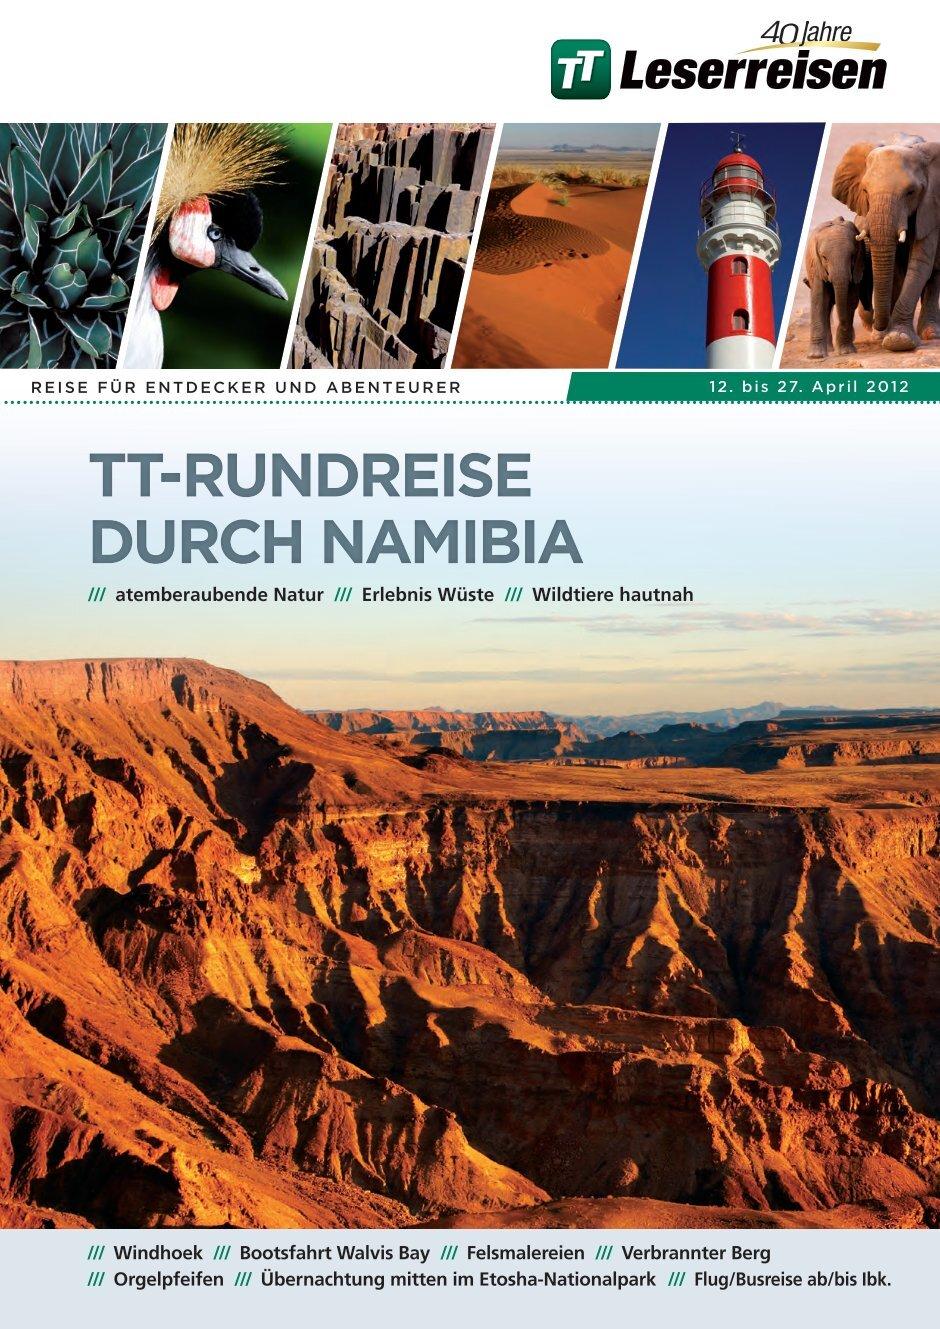 tui namibia rundreise